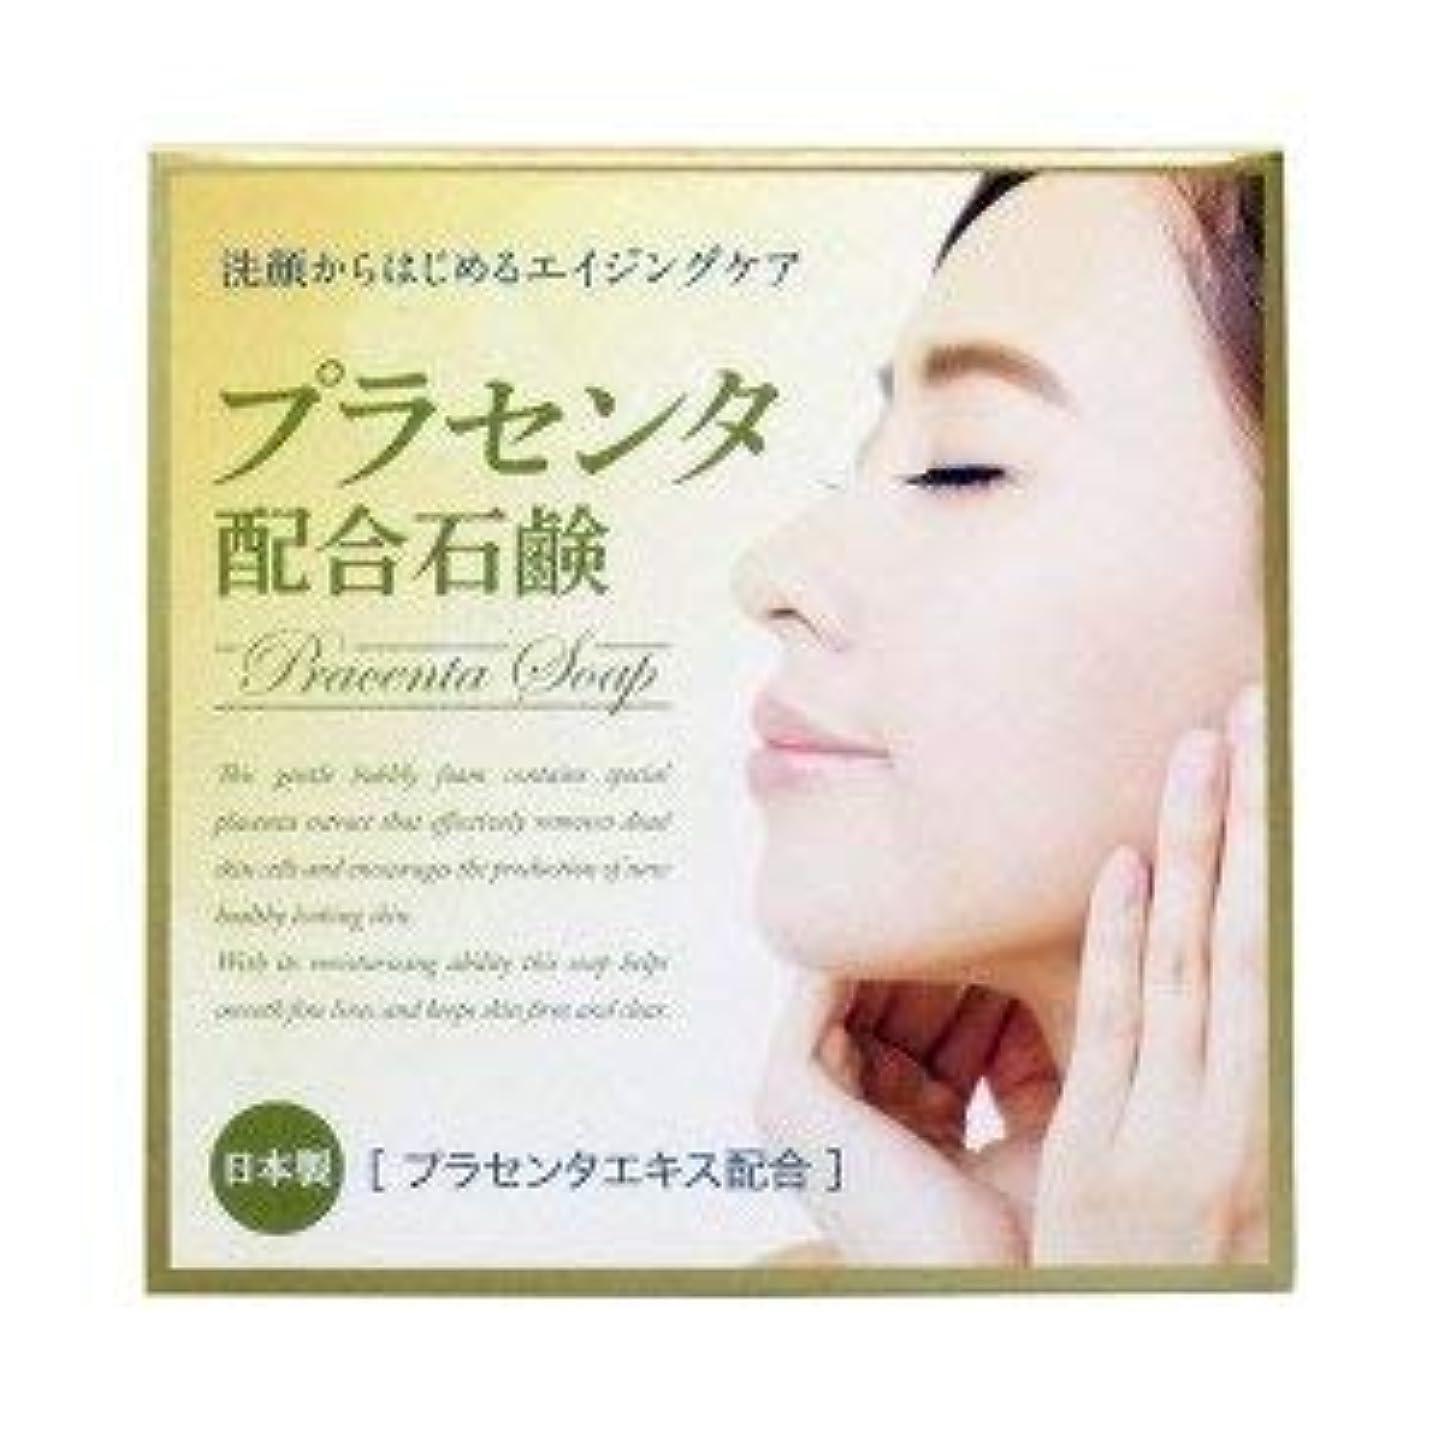 知人すでに経験プラセンタ配合石鹸 80g×2 2個1セット プラセンタエキス保湿成分配合 日本製